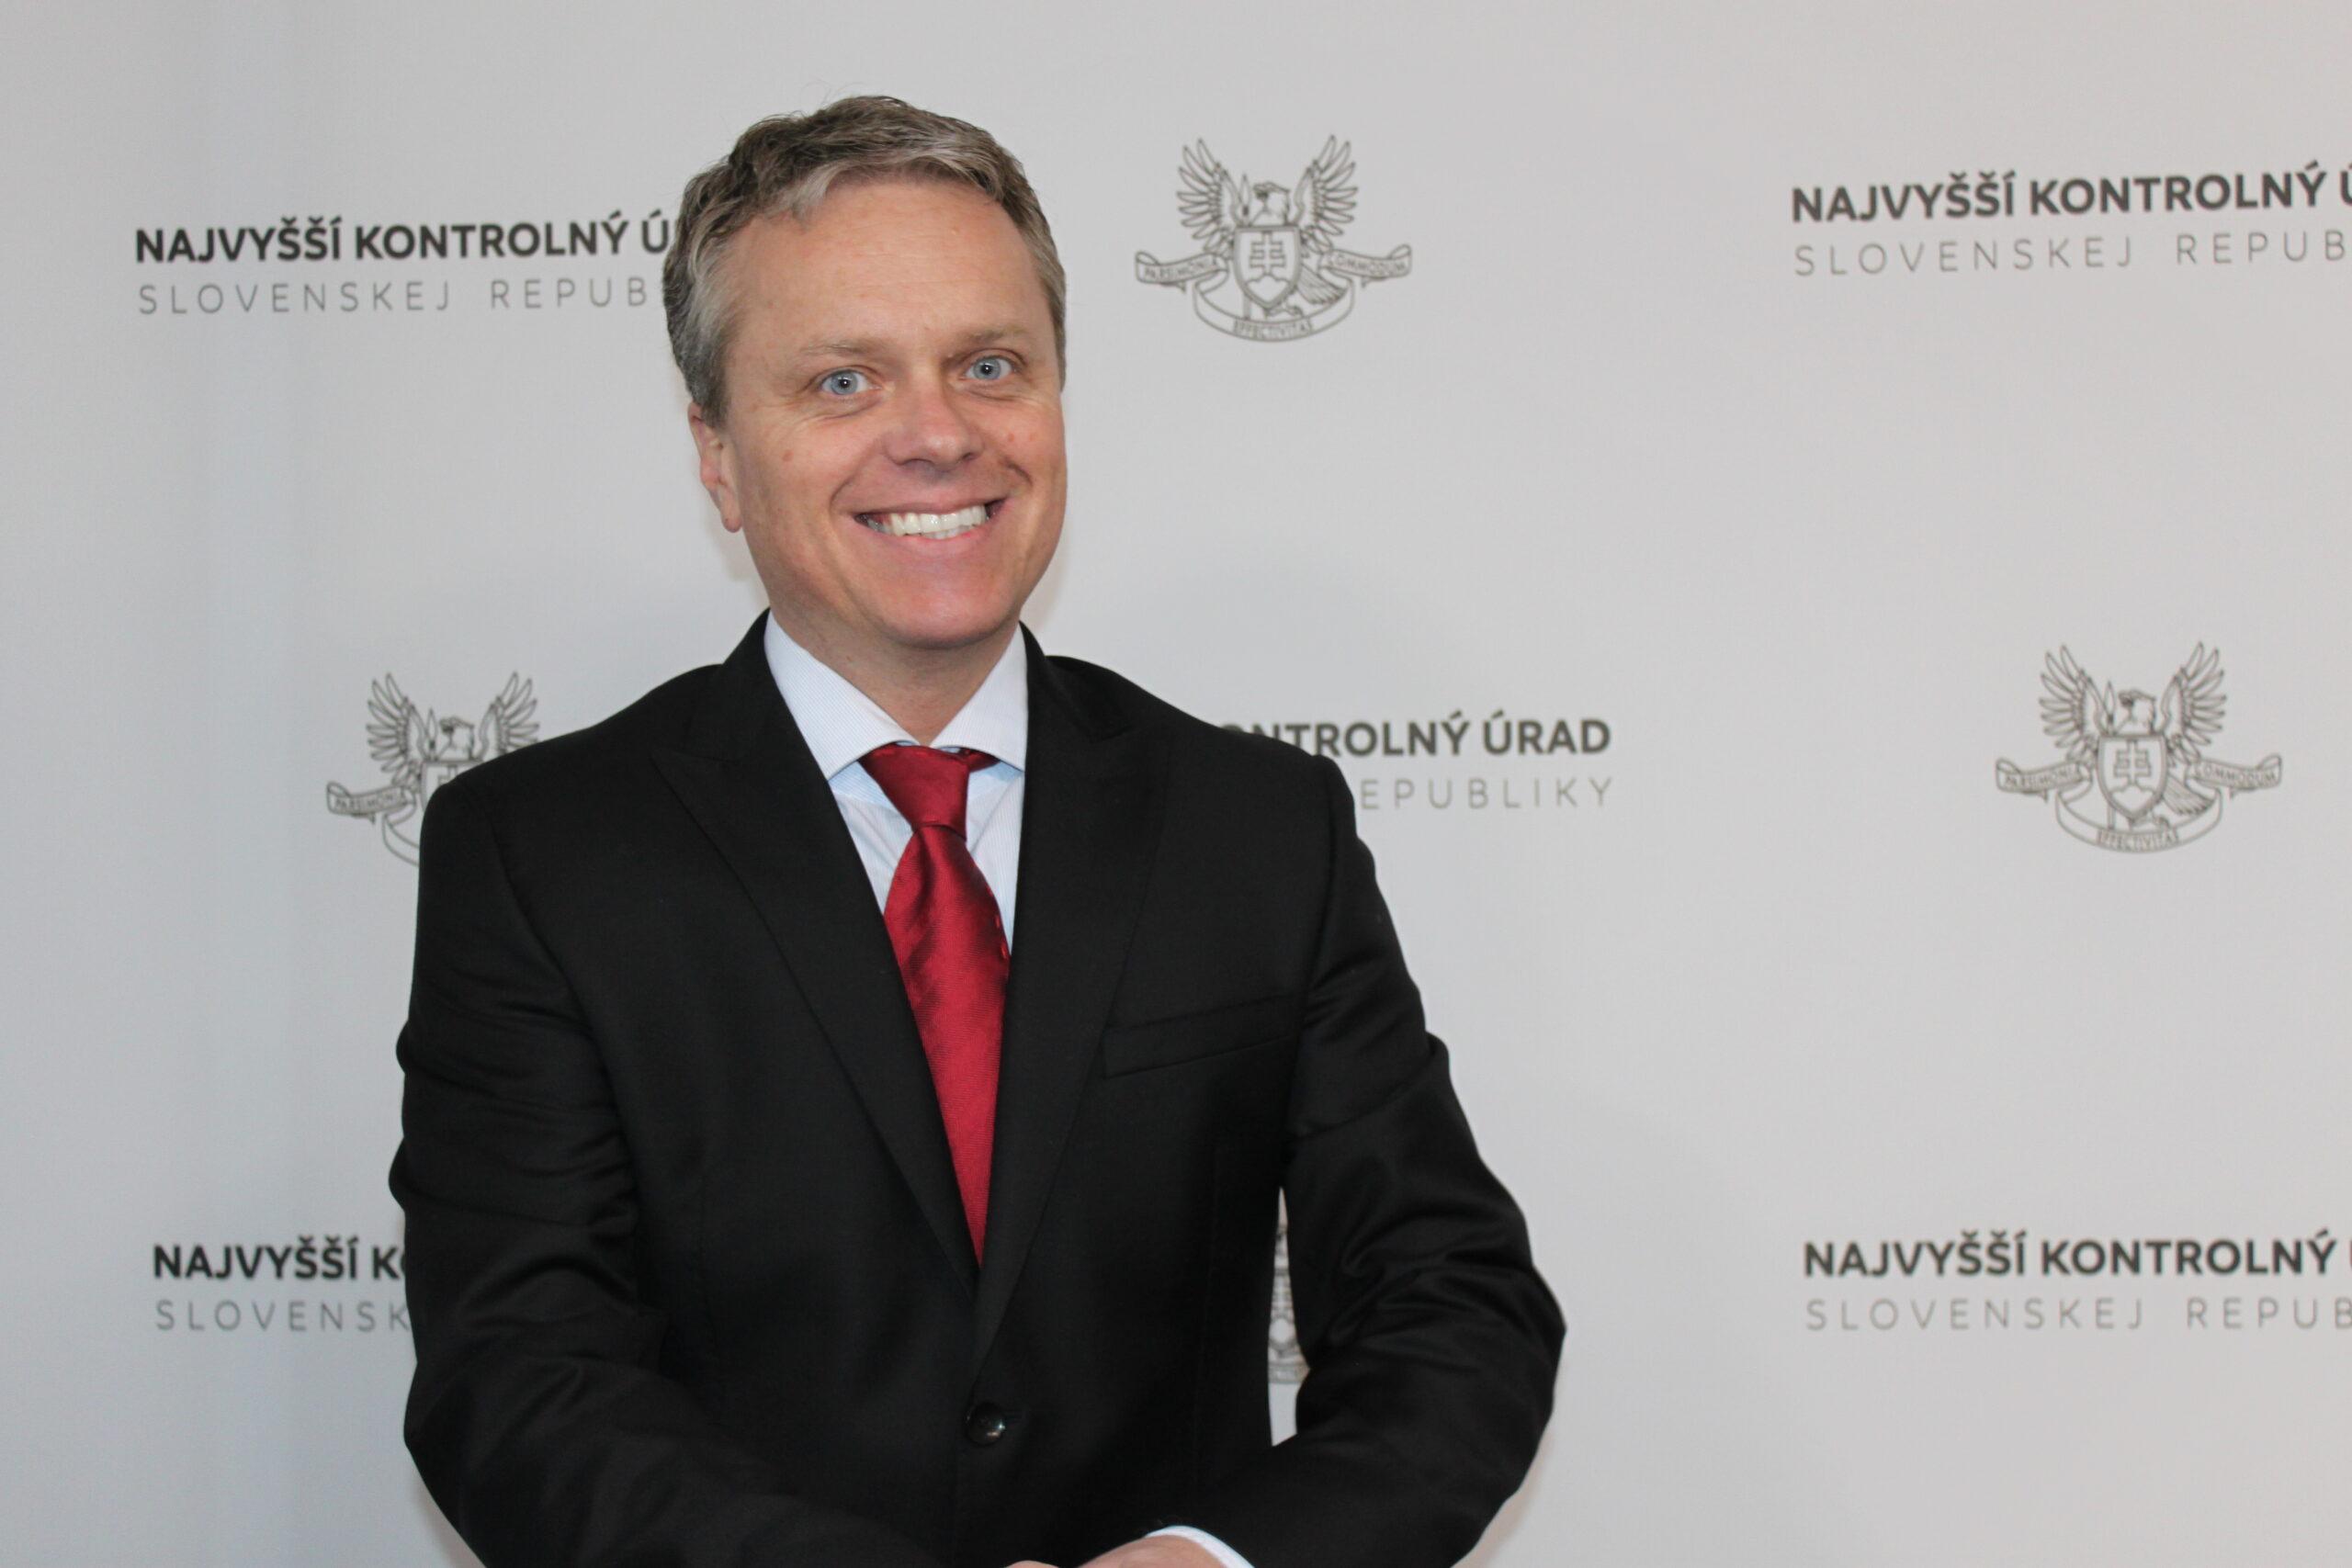 Ľubomír Andrassy